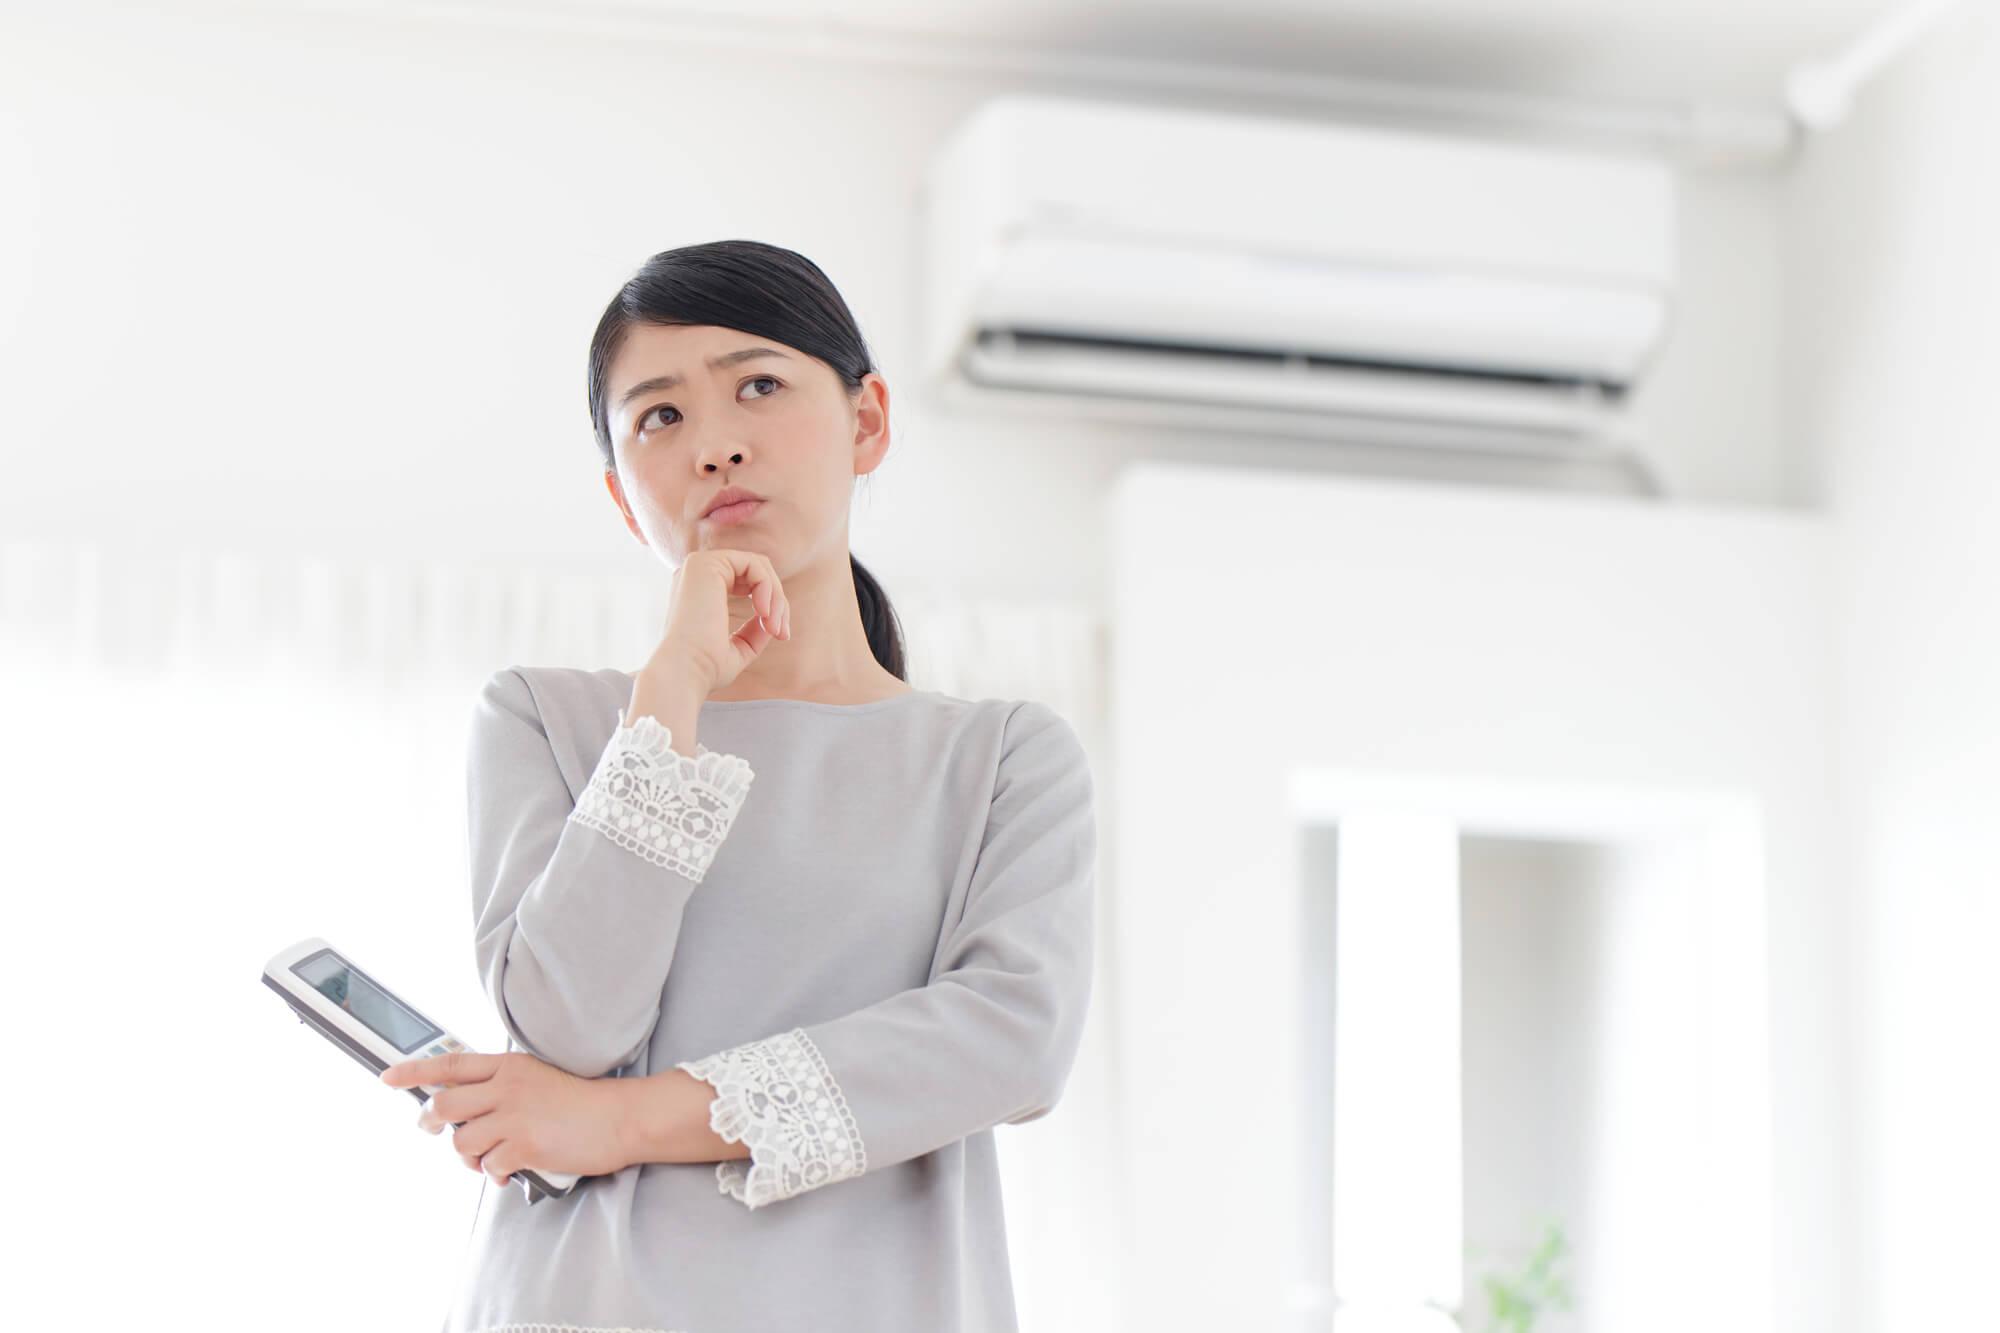 エアコンの使い方に悩む女性